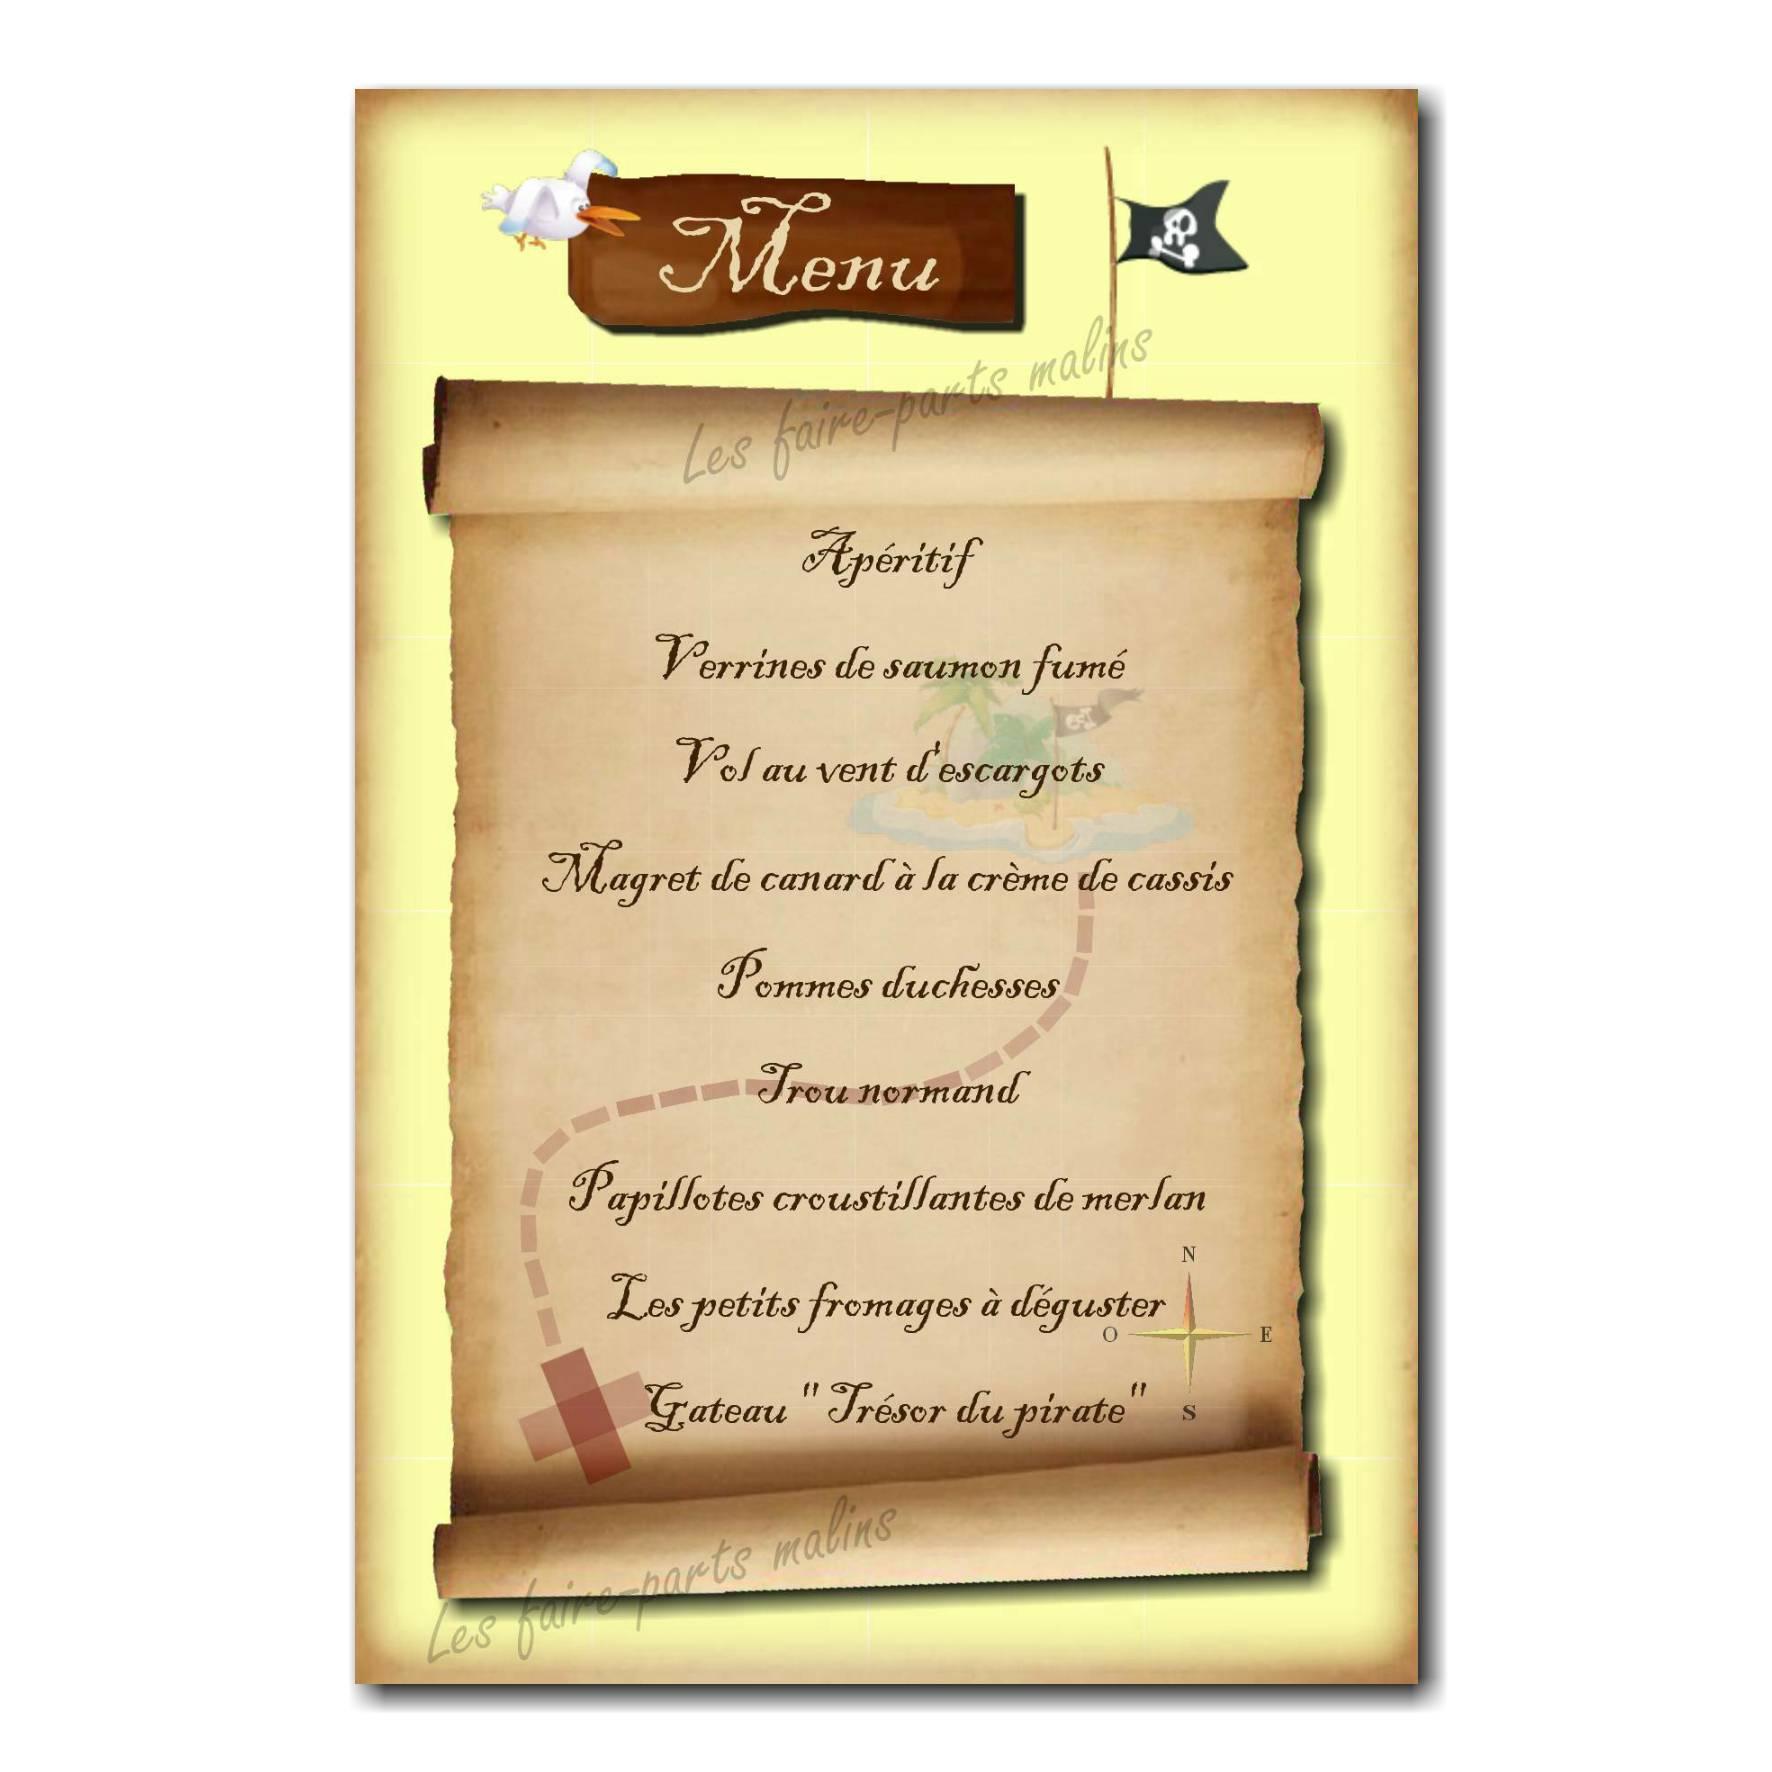 carte de menu avec plan de carte aux trésors pirate